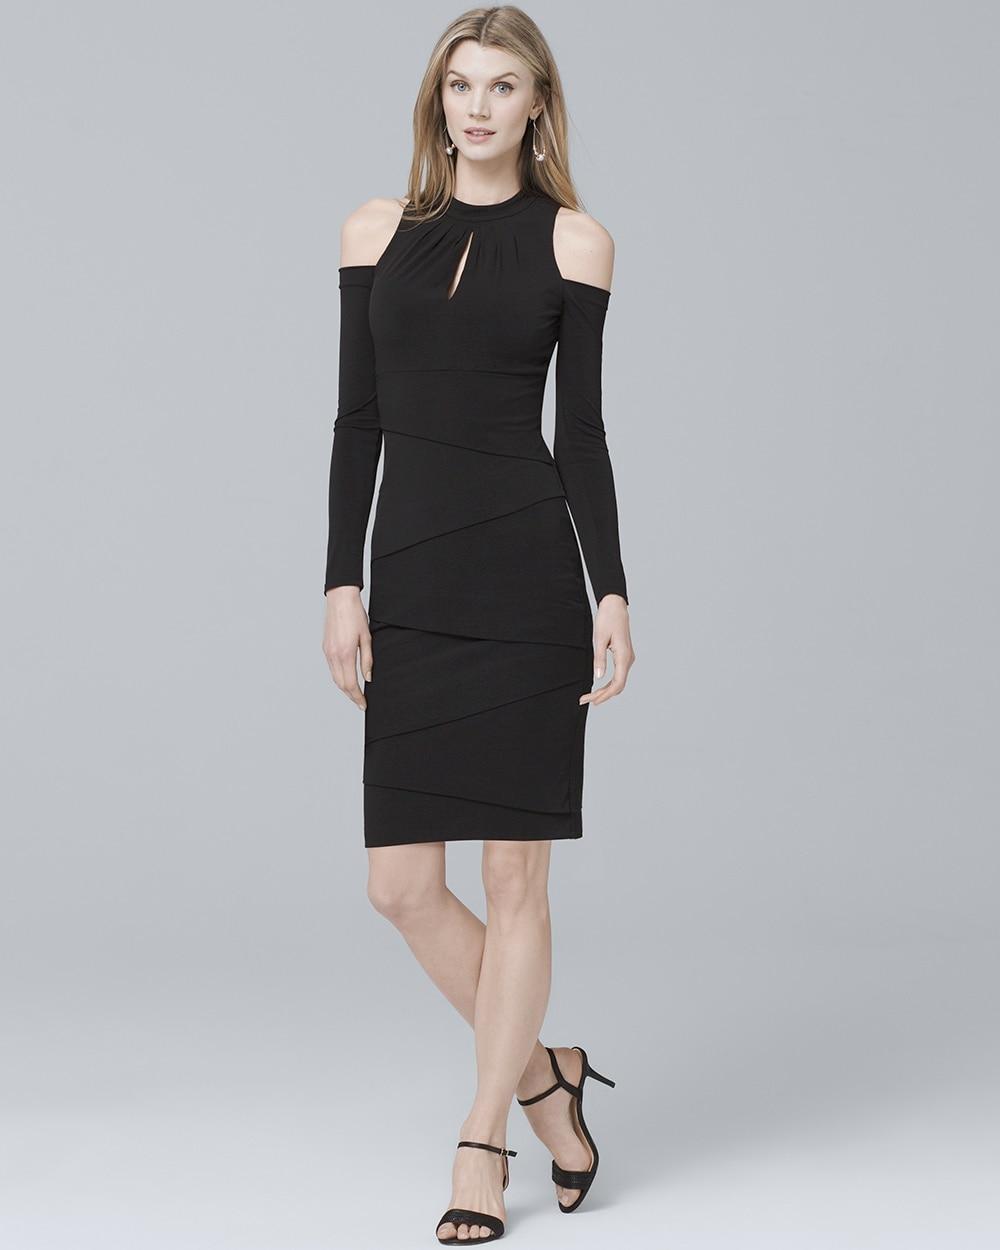 Long Sleeve Cold Shoulder Black Instantly Slimming Sheath Dress